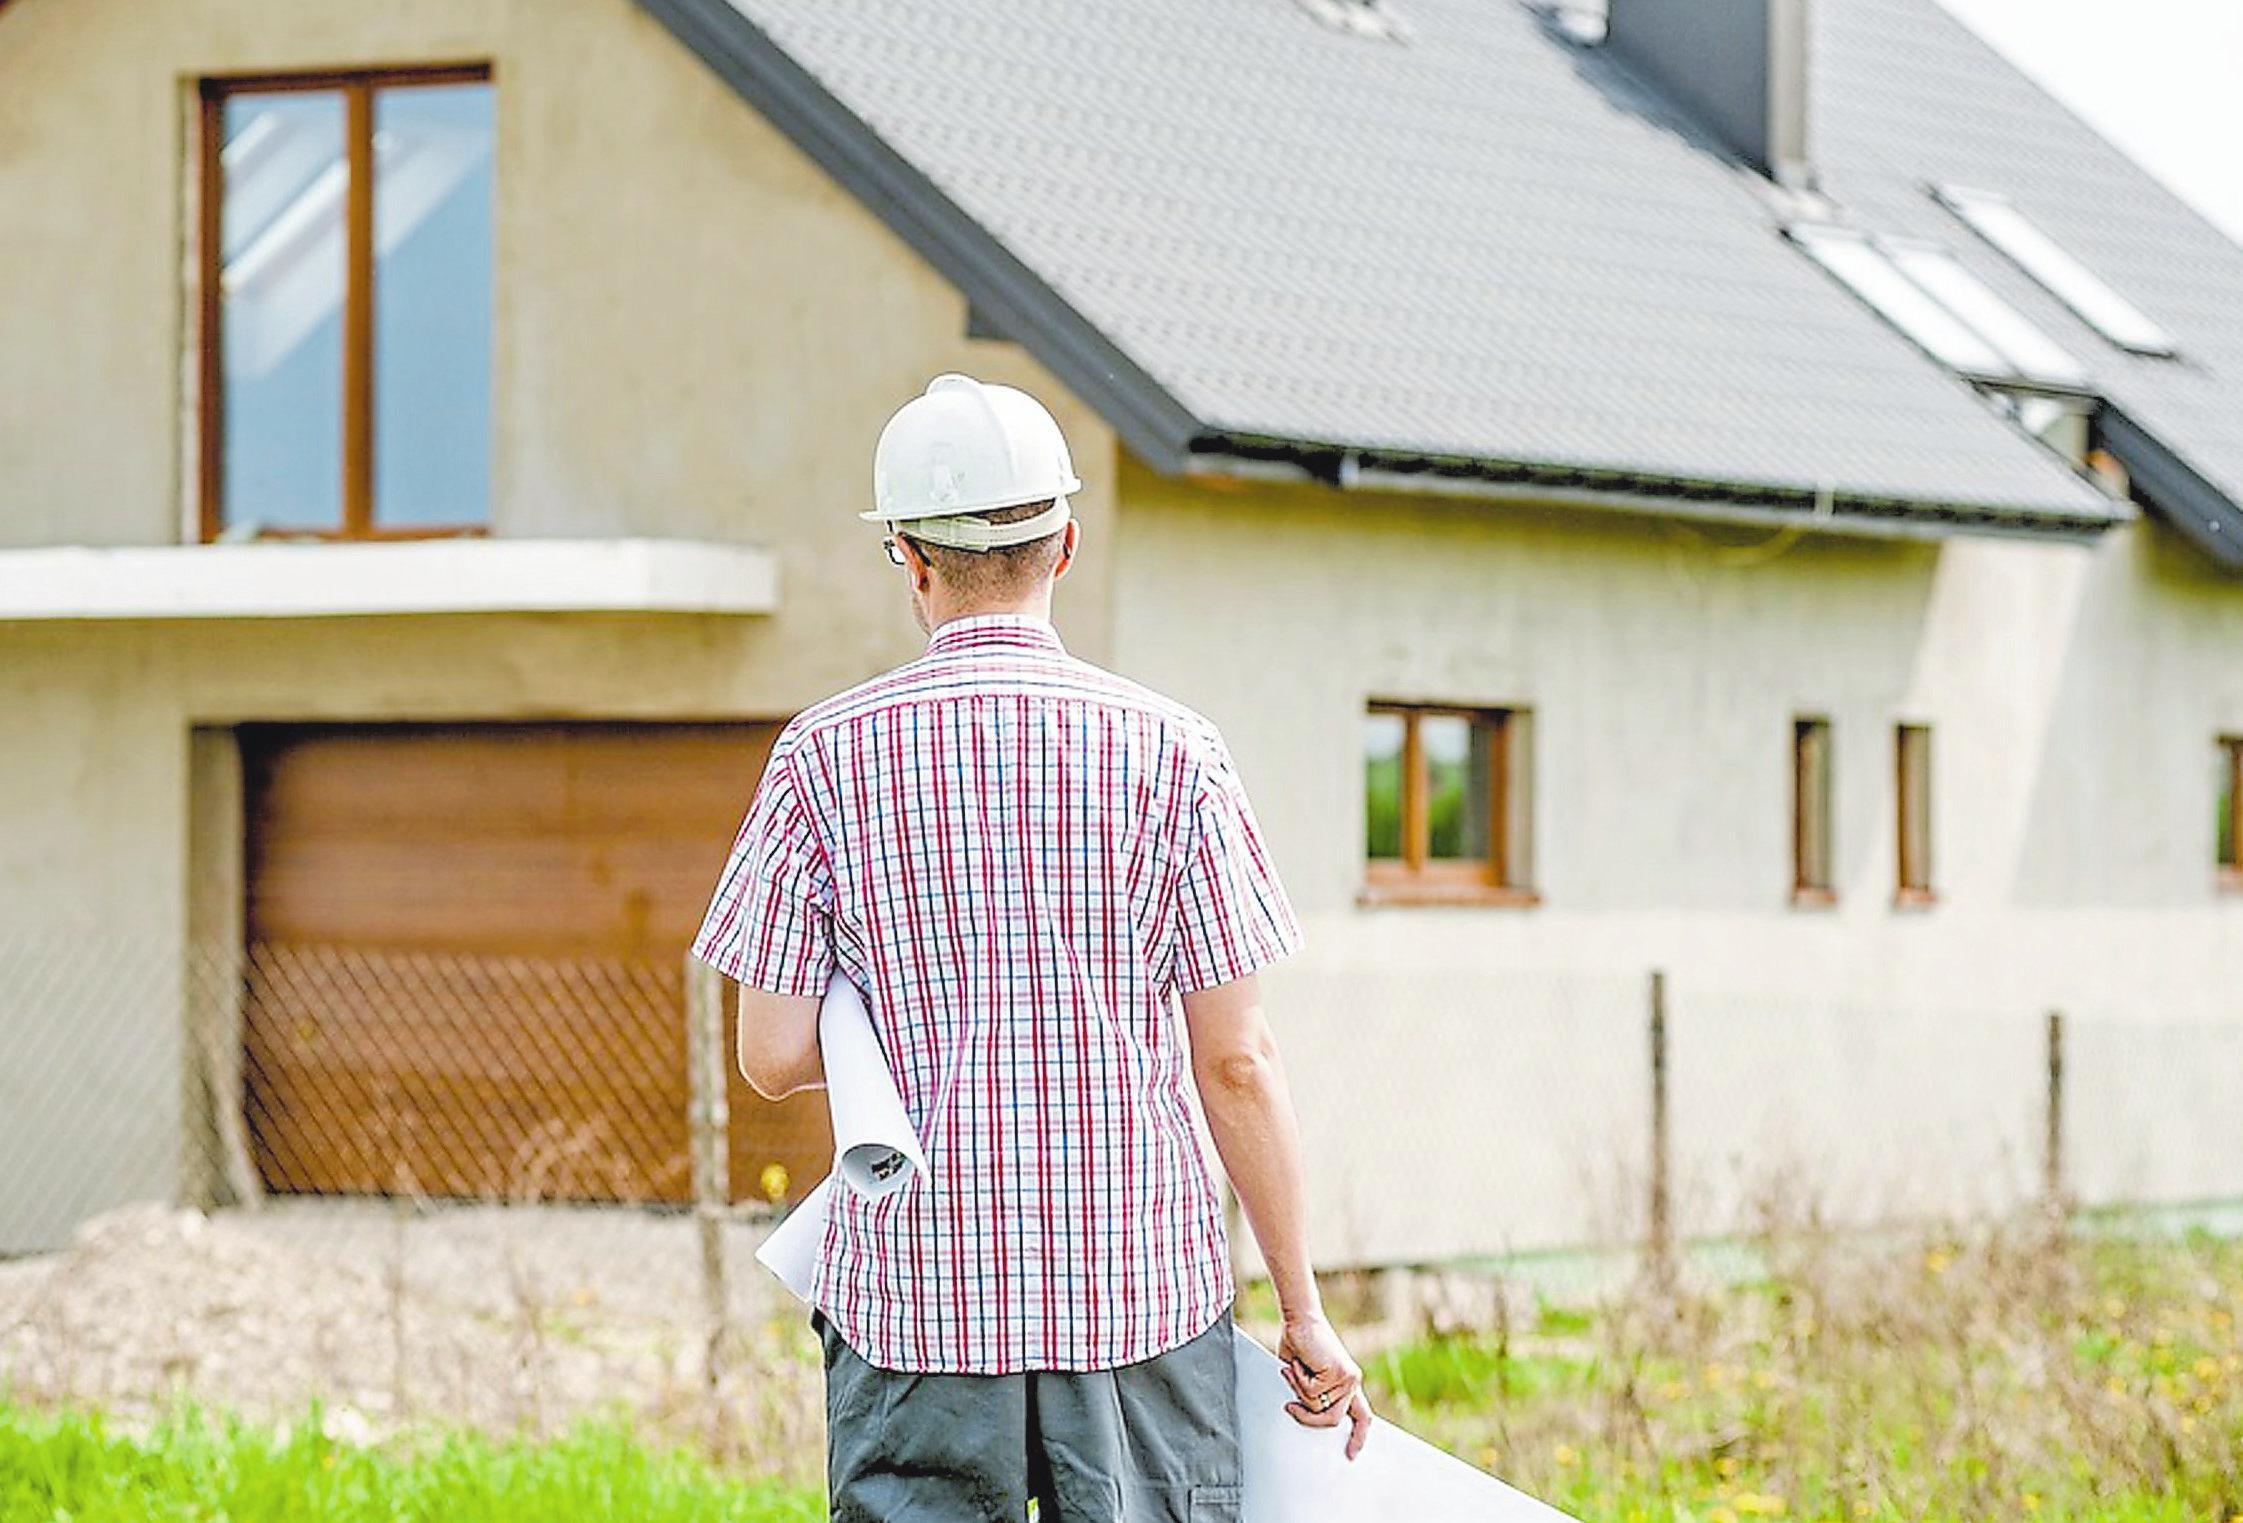 Seit Anfang des Jahres muss die Statik eines Gebäudes in Nordrhein-Westfalen von einem qualifizierten Tragwerksplaner ausgeführt werden, der seine Qualifikation formal nachgewiesen hat. Foto: Pixabay